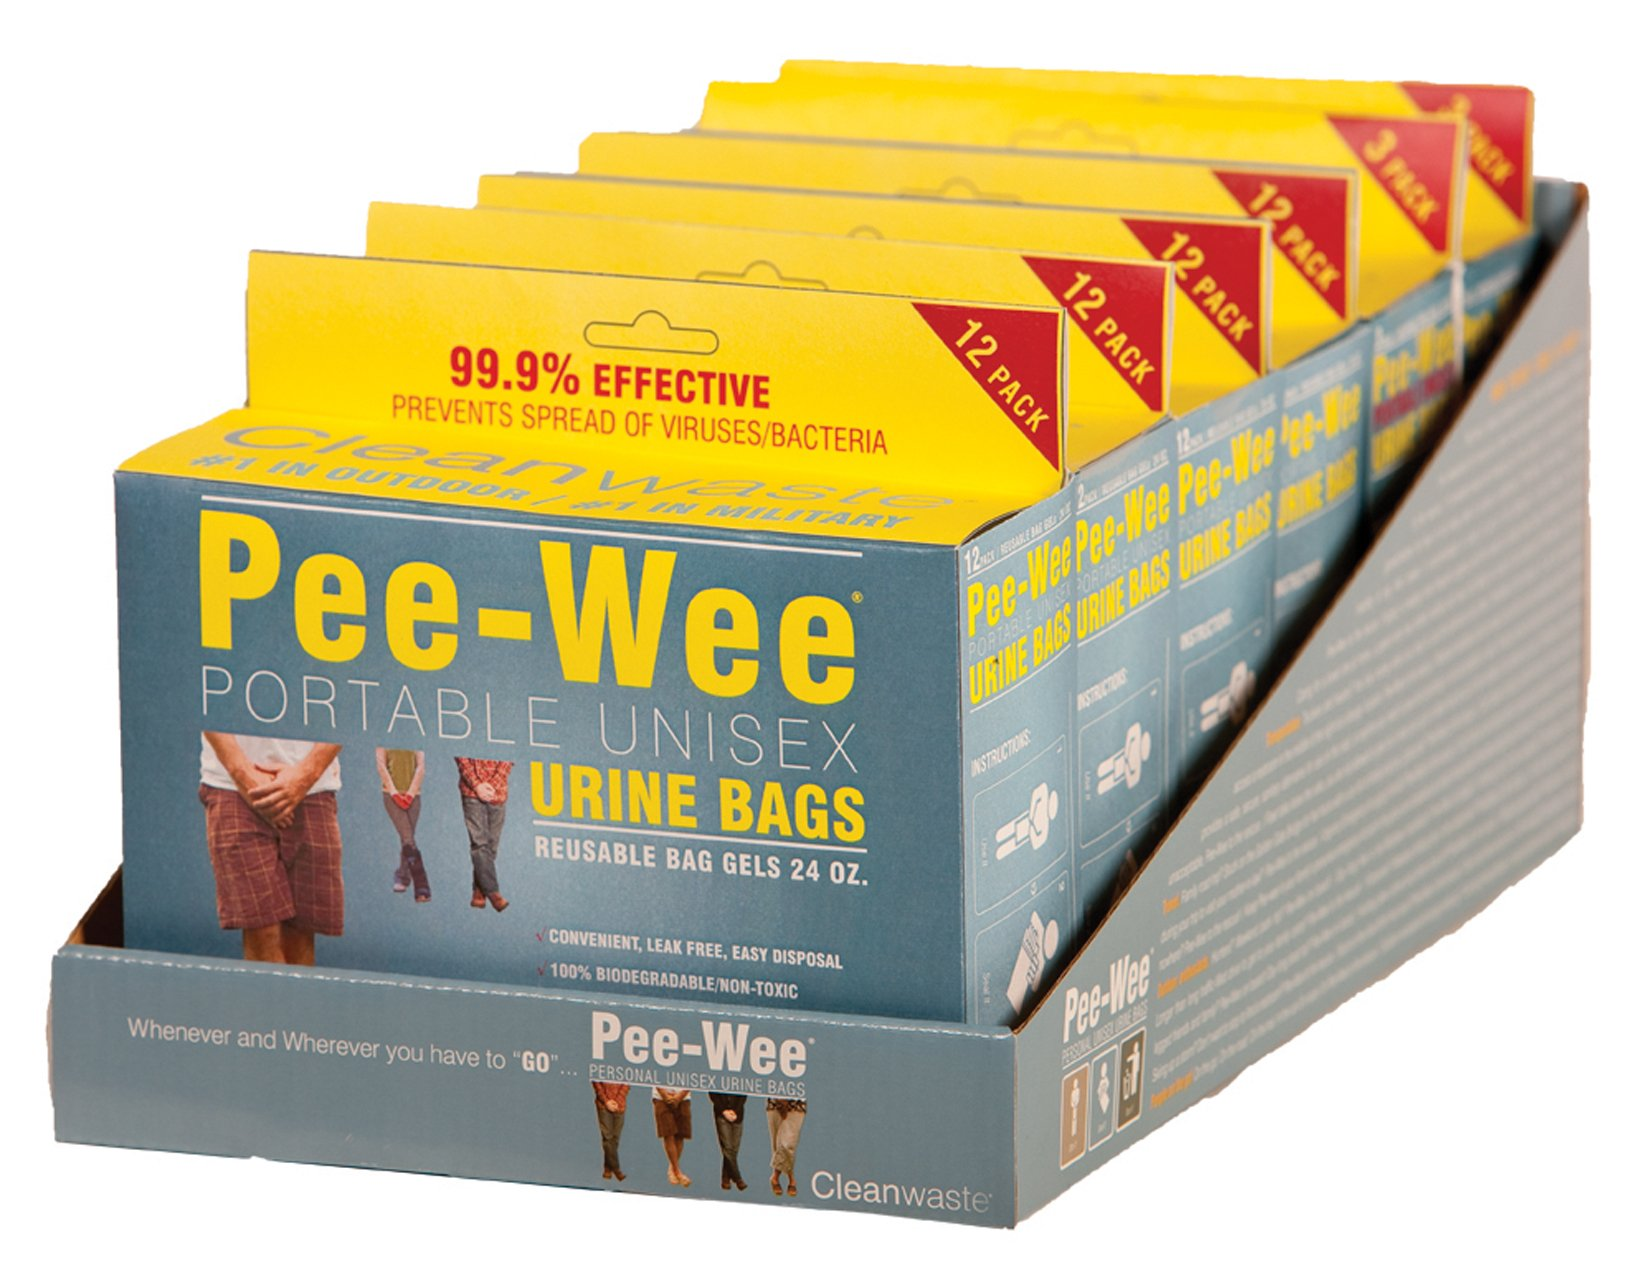 Cleanwaste Pee-Wee Unisex Urine Bags - 6 12 Packs